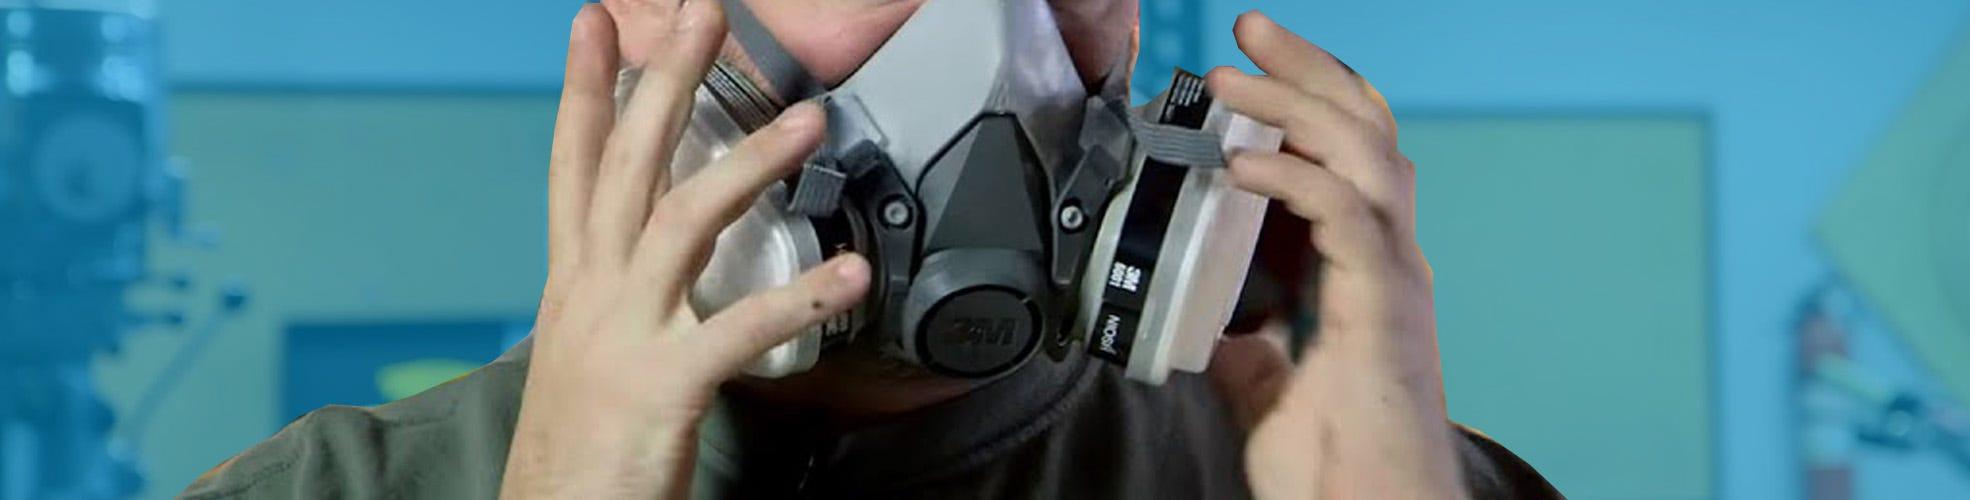 Cartridged Respirator